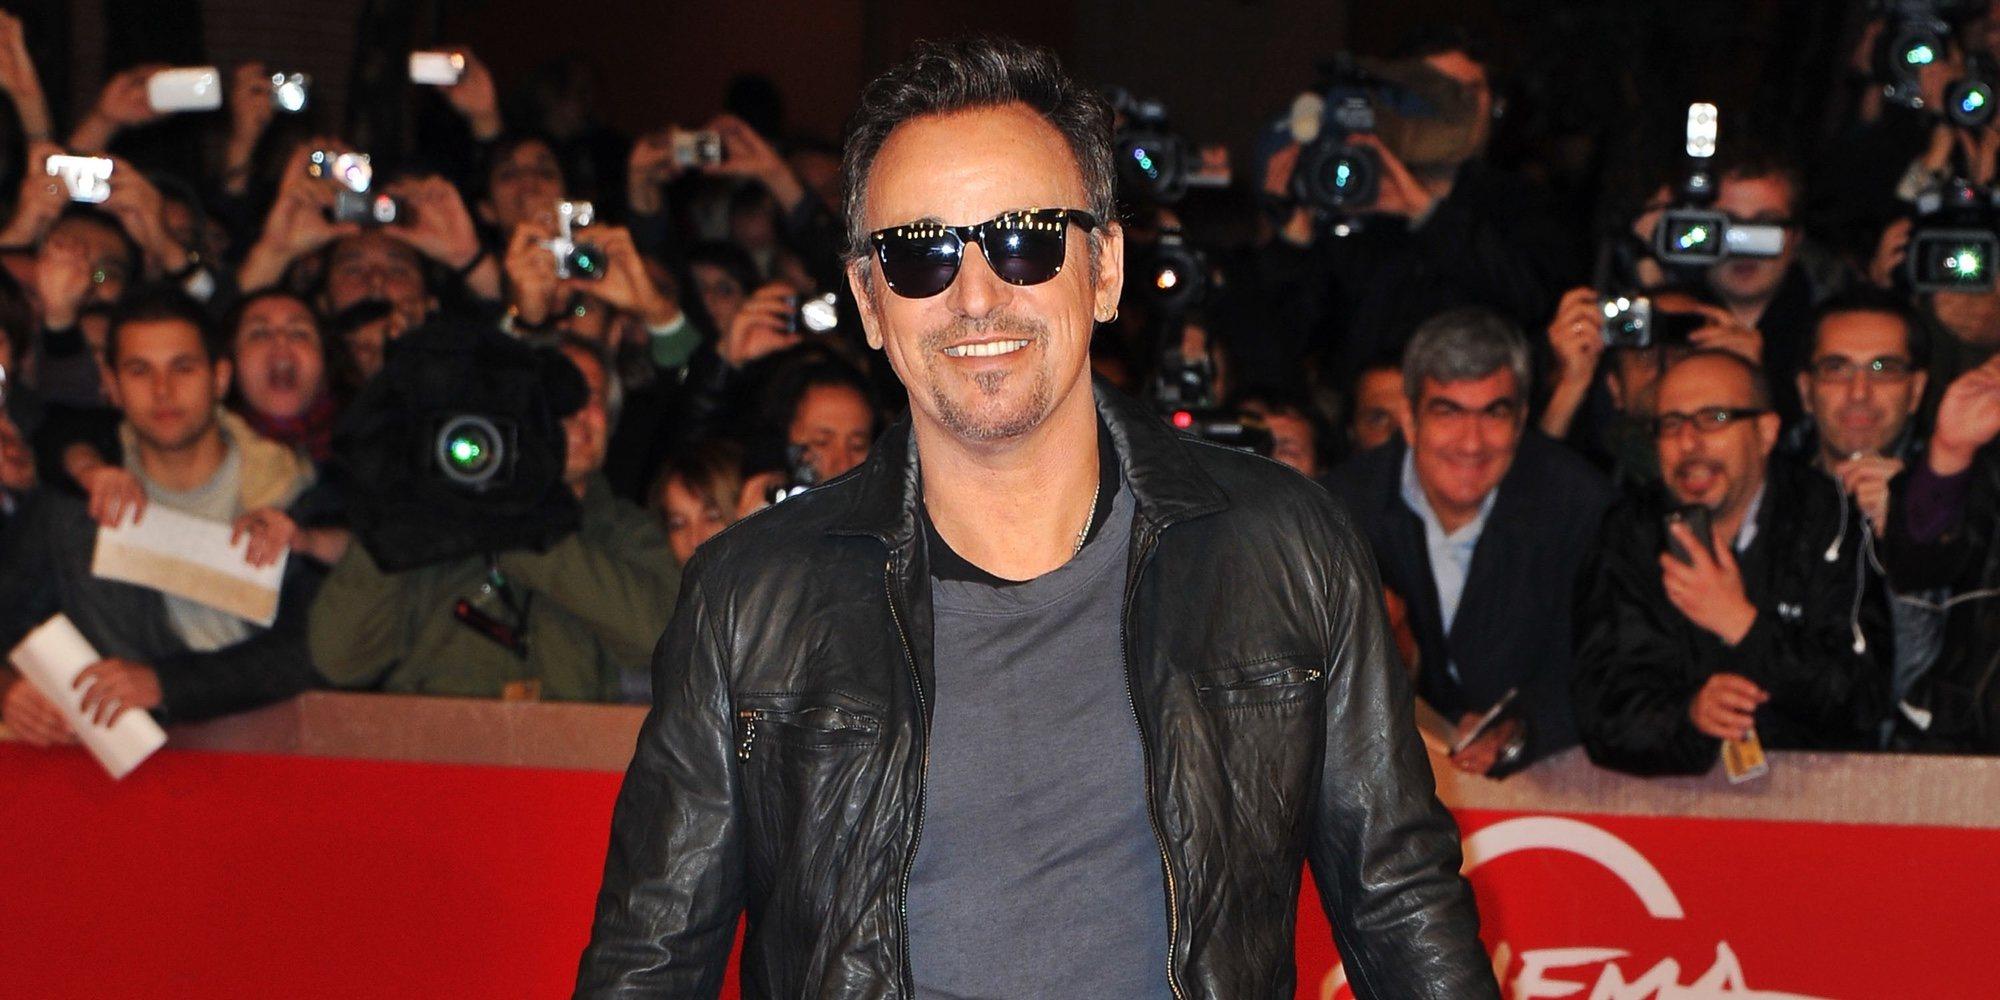 Bruce Springsteen confiesa tener que medicarse para mantenerse mentalmente sano